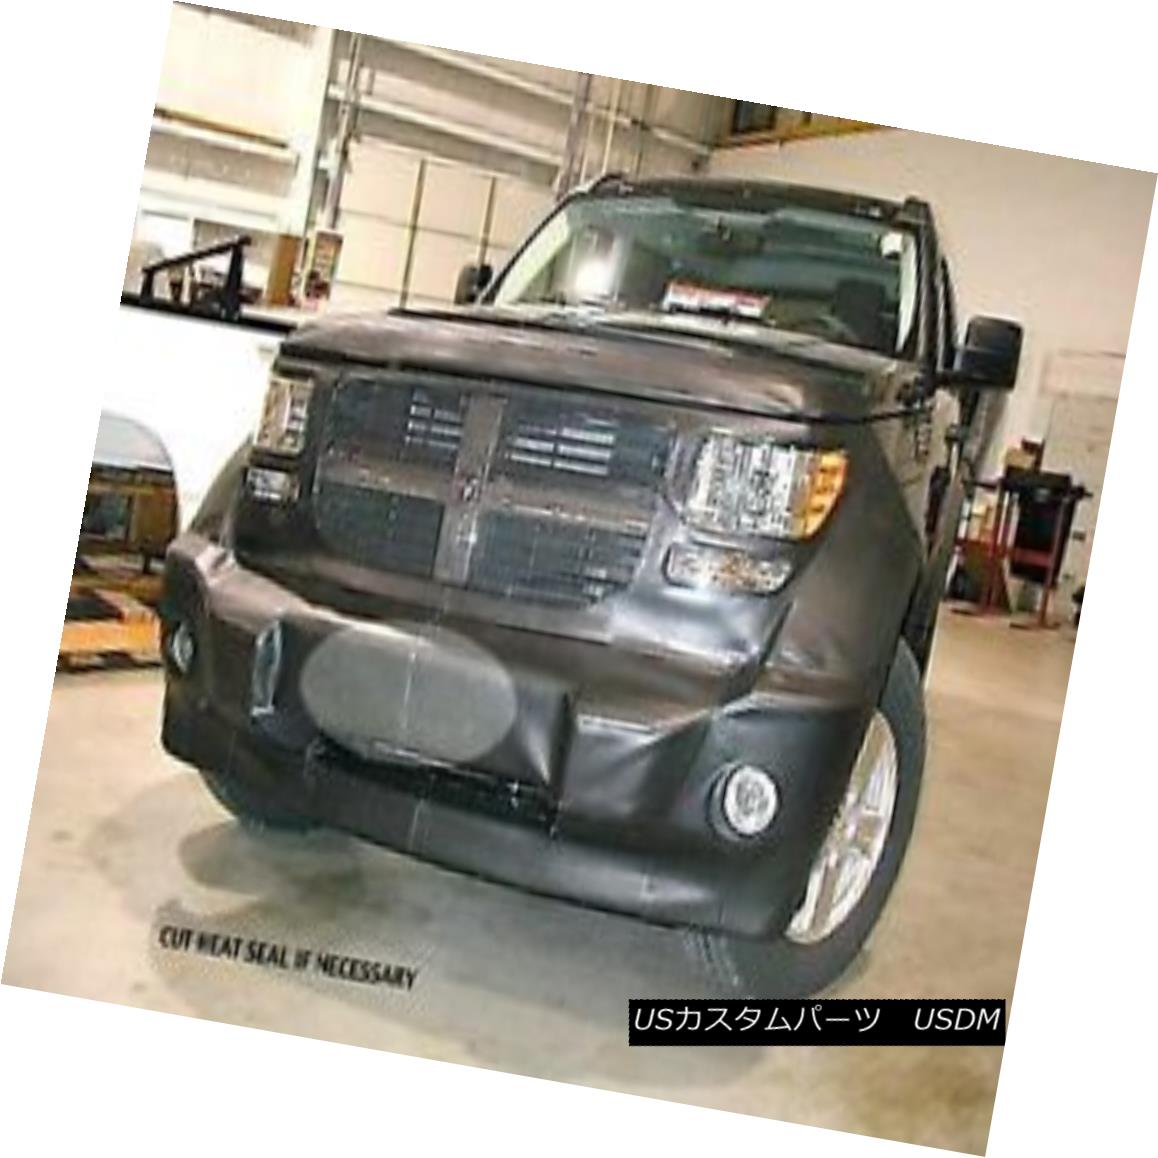 フルブラ ノーズブラ Lebra Front End Mask Cover Bra Fits DODGE Ram 1500 2009 thru 2012 09 10 11 12 LebraフロントエンドマスクカバーブラはDODGE Ramに適合します2009年から2009年まで09 10 11 12